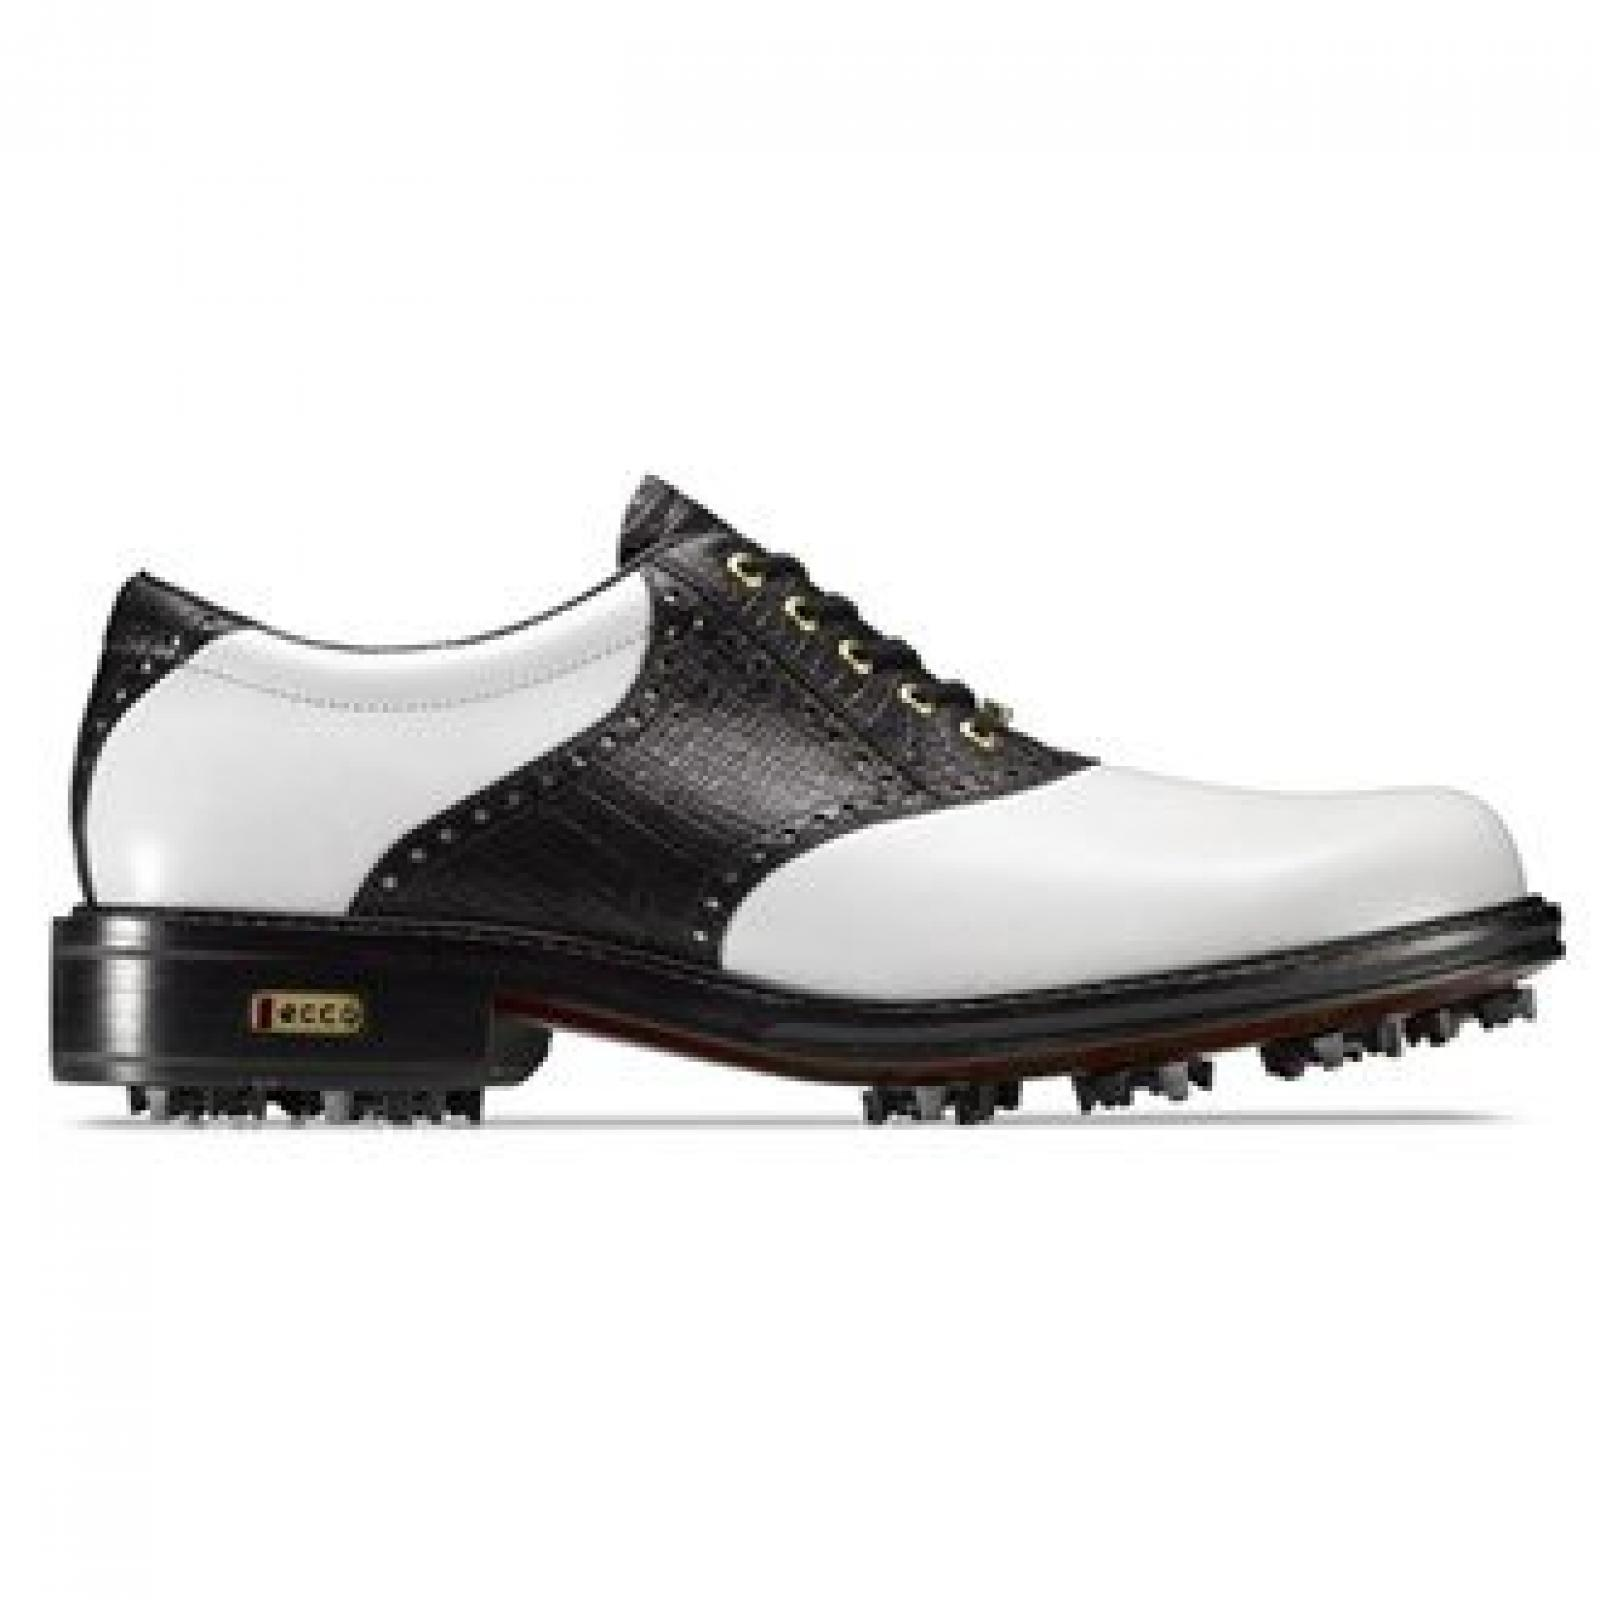 Ecco 2013 World Class GTX Herren-Golfschuhe